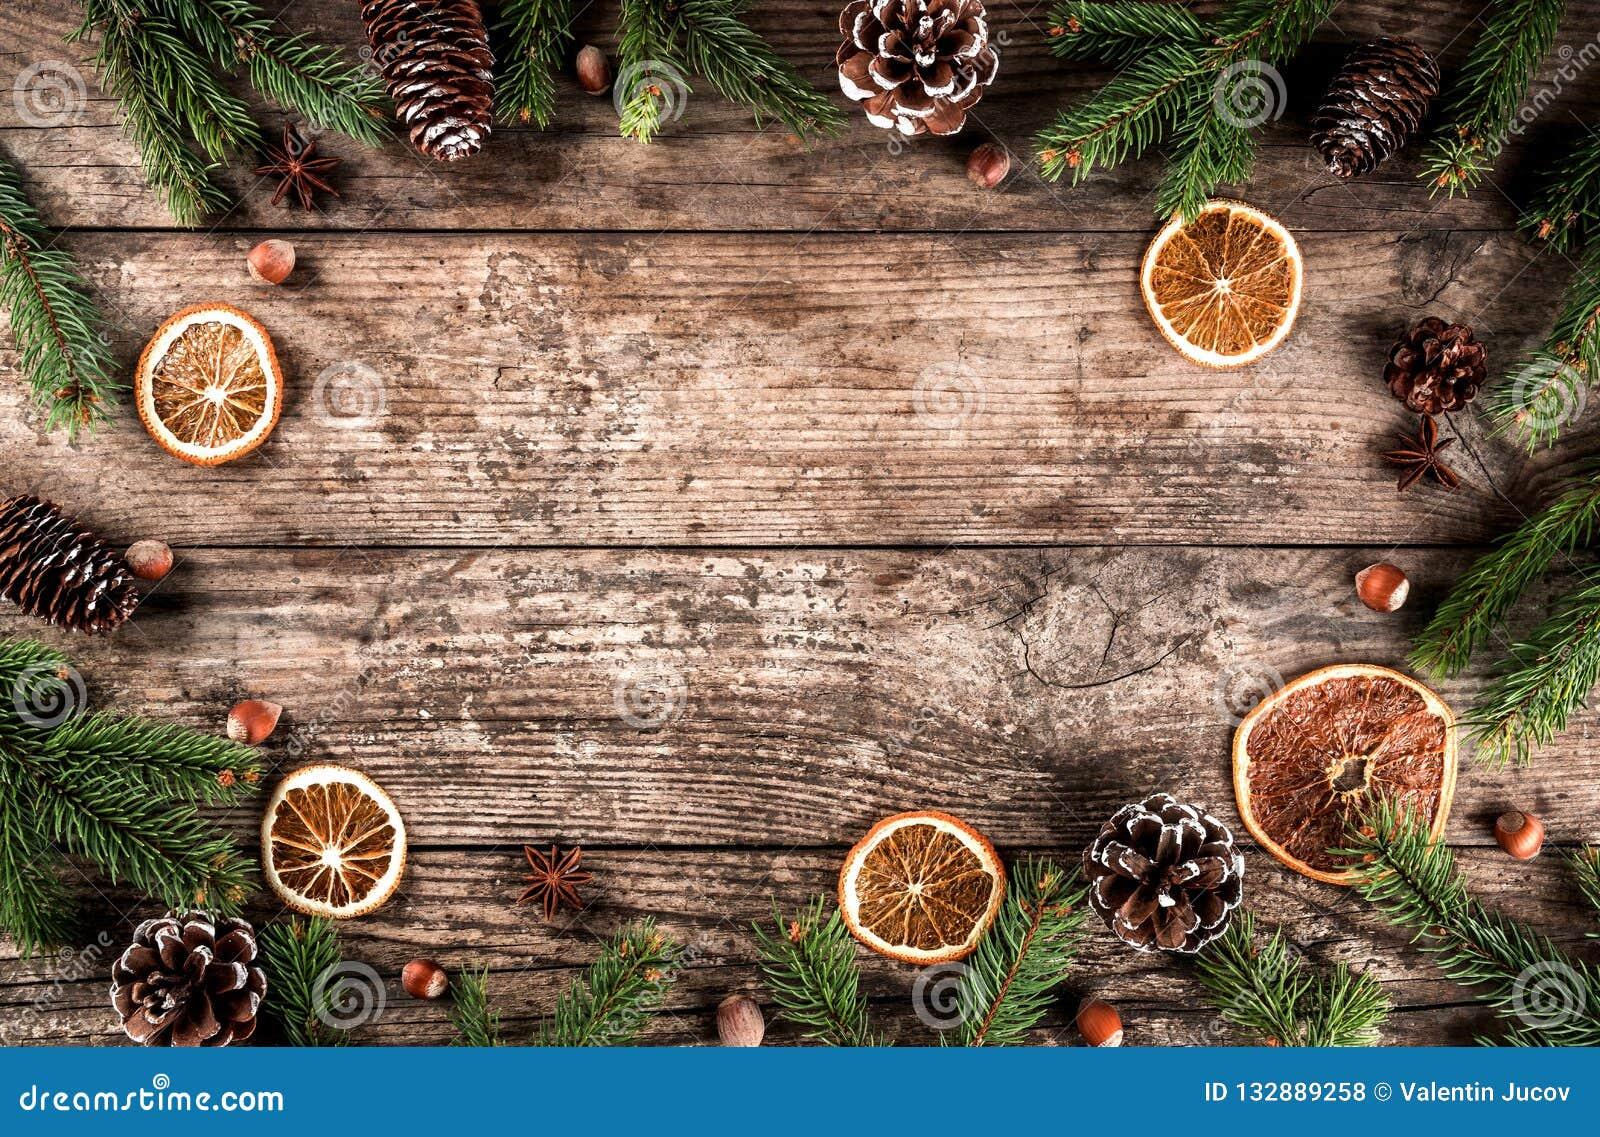 Marco creativo hecho de ramas del abeto de la Navidad, picea, rebanadas de naranja, conos del pino, copos de nieve de la disposic